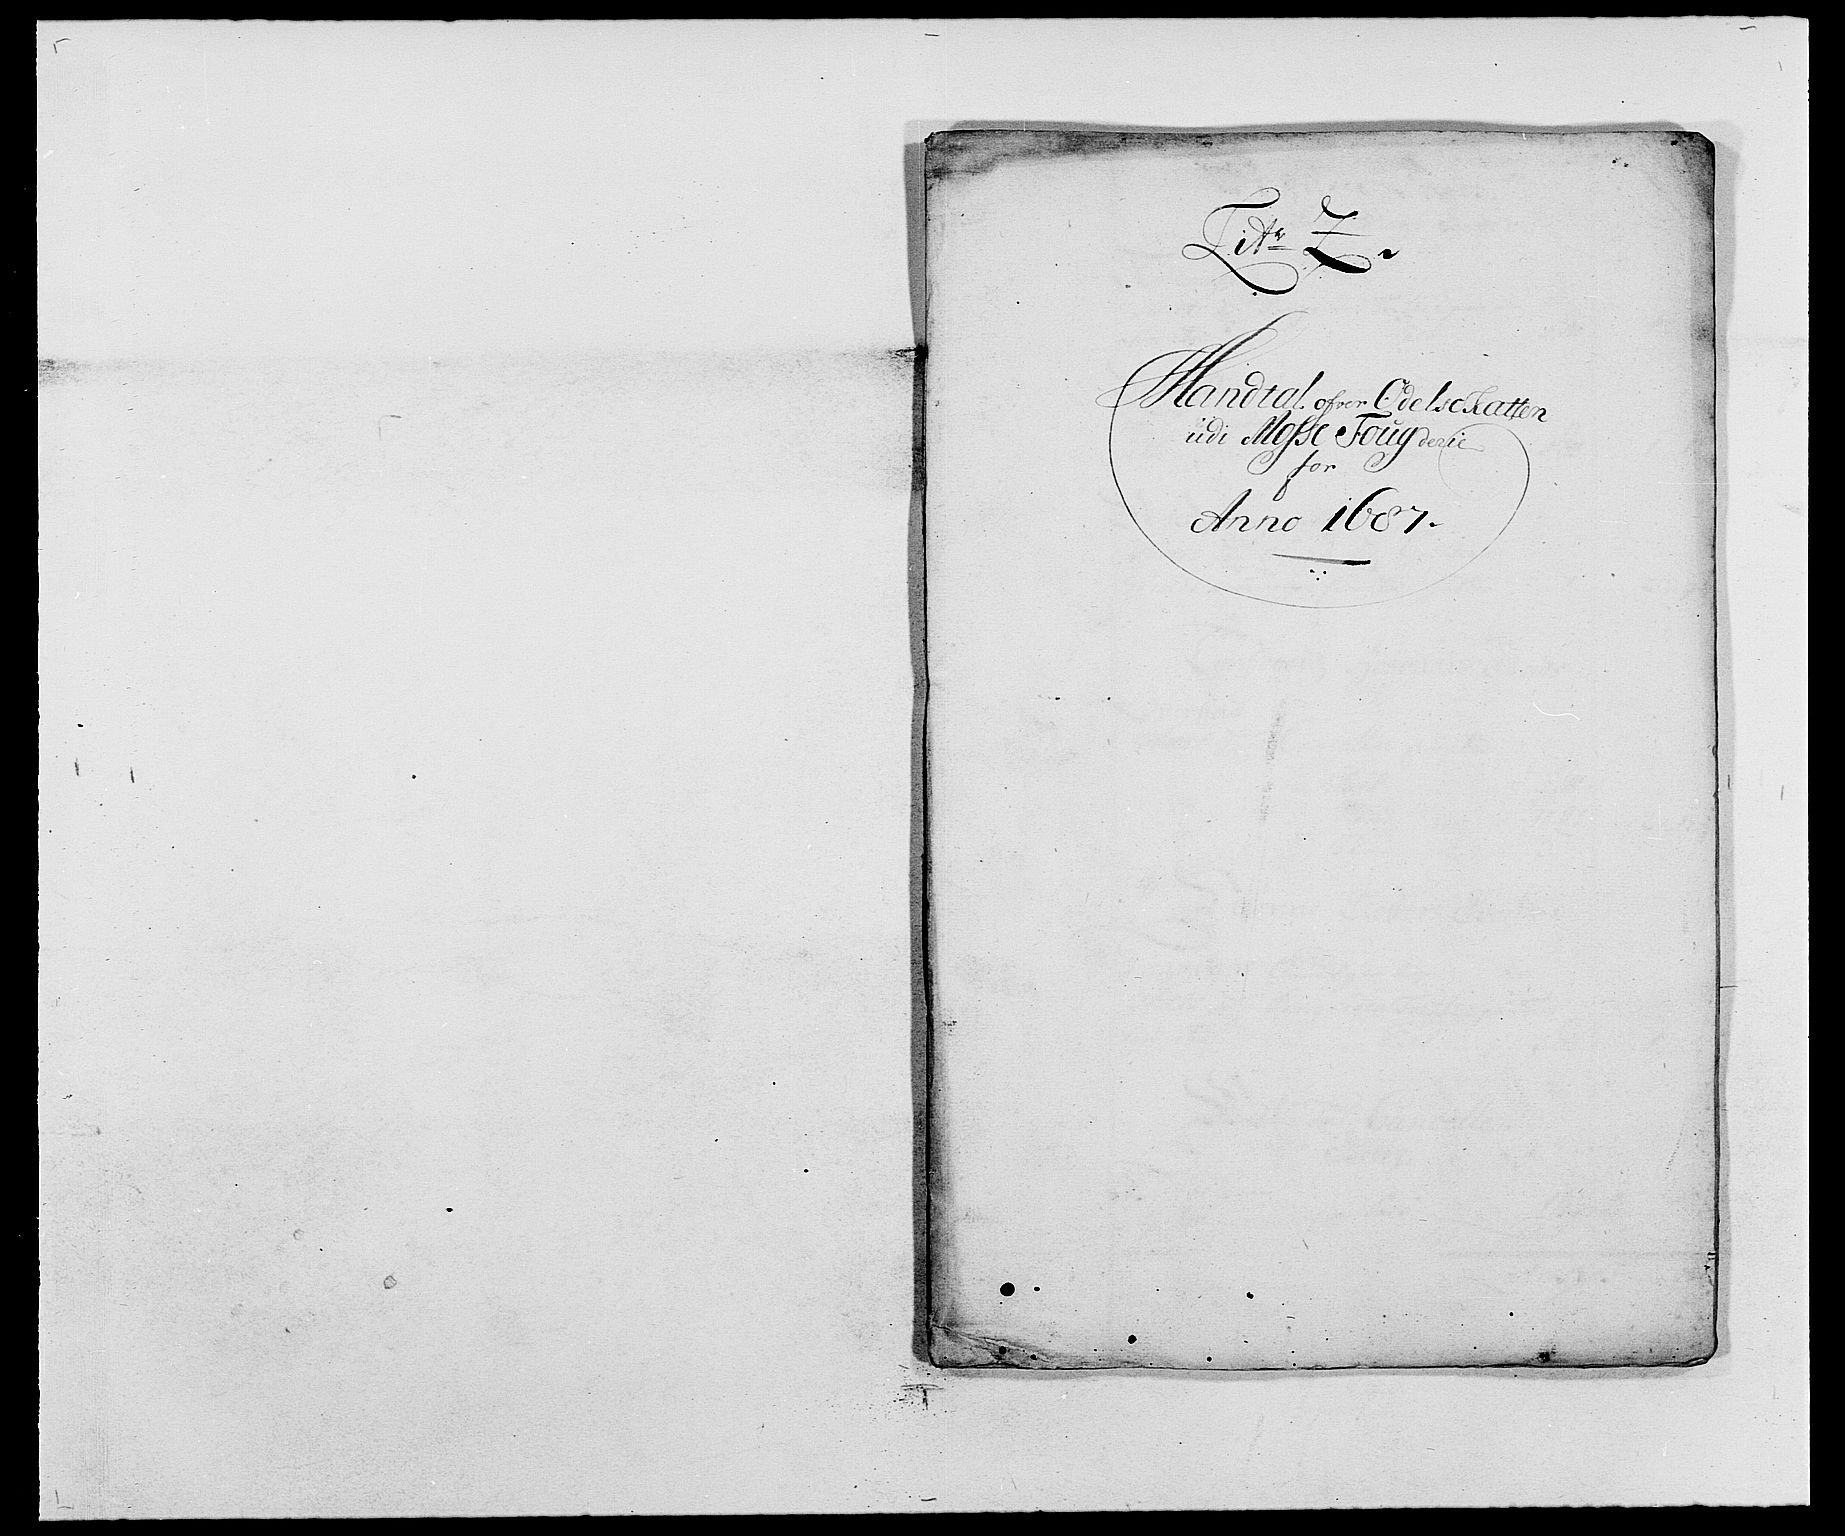 RA, Rentekammeret inntil 1814, Reviderte regnskaper, Fogderegnskap, R02/L0105: Fogderegnskap Moss og Verne kloster, 1685-1687, s. 364